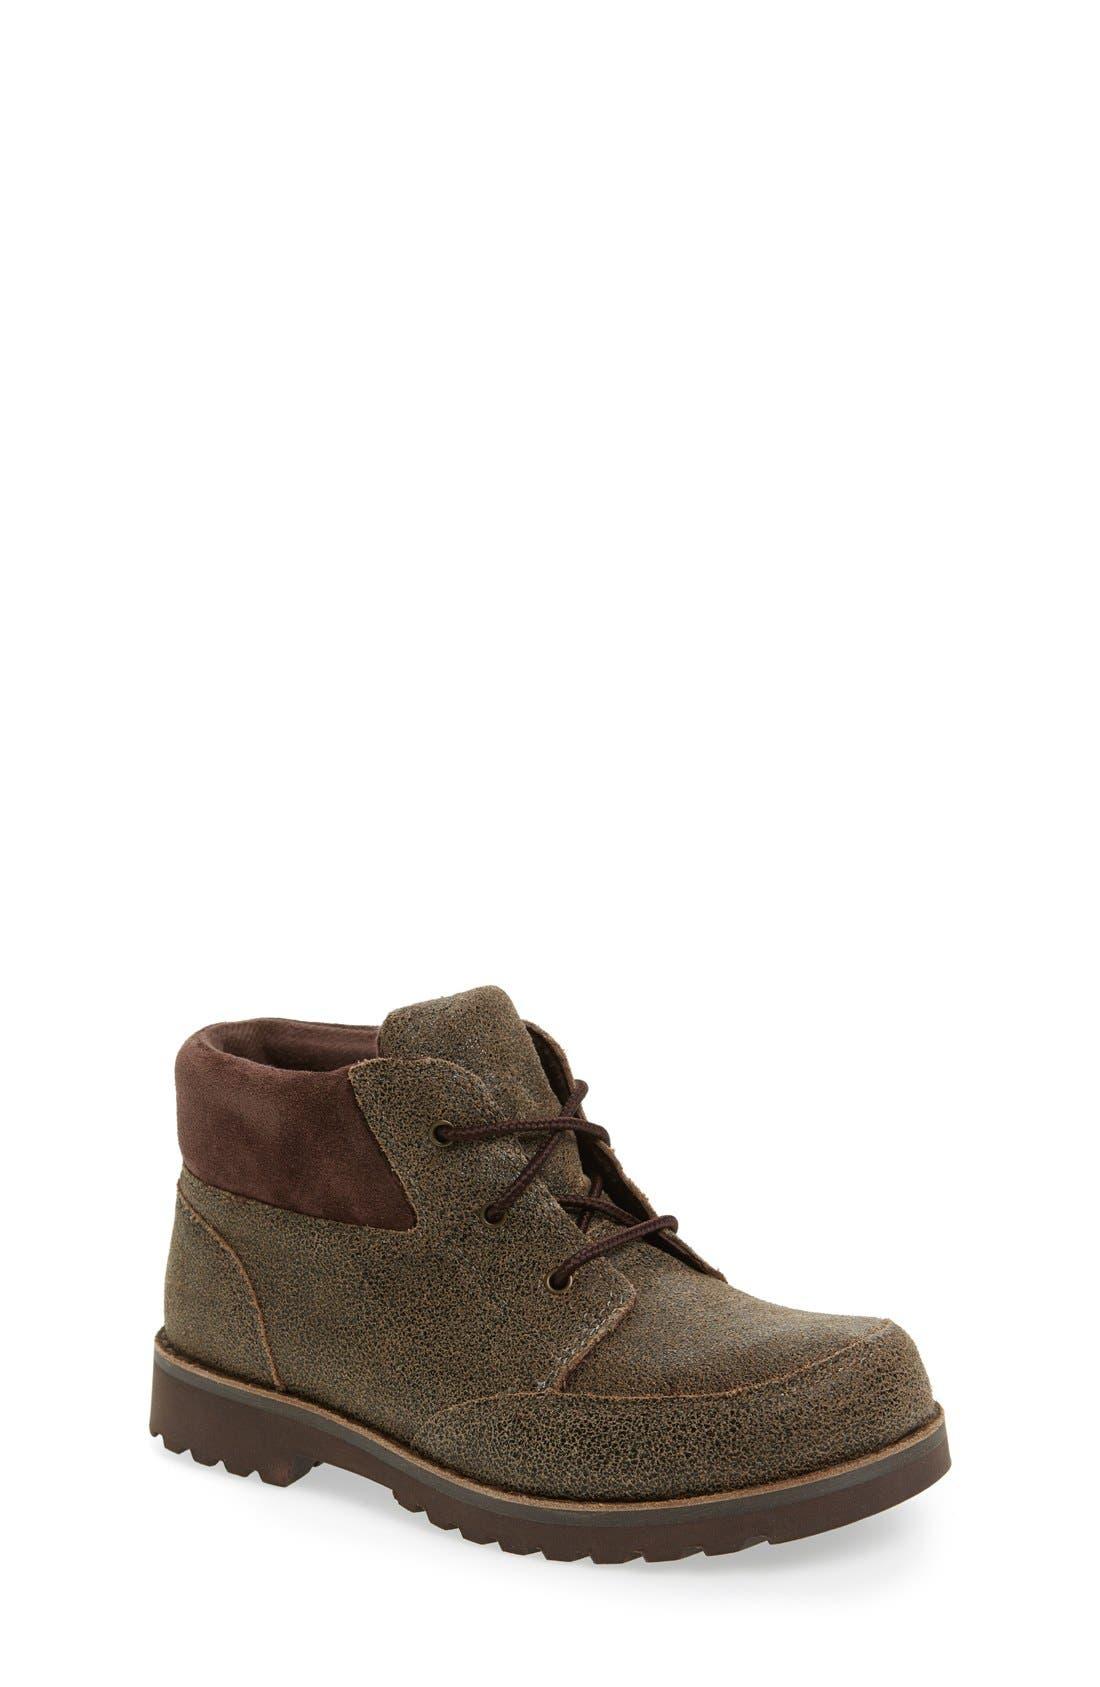 Main Image - UGG® Orin Boots (Walker, Toddler, Little Kid & Big Kid)